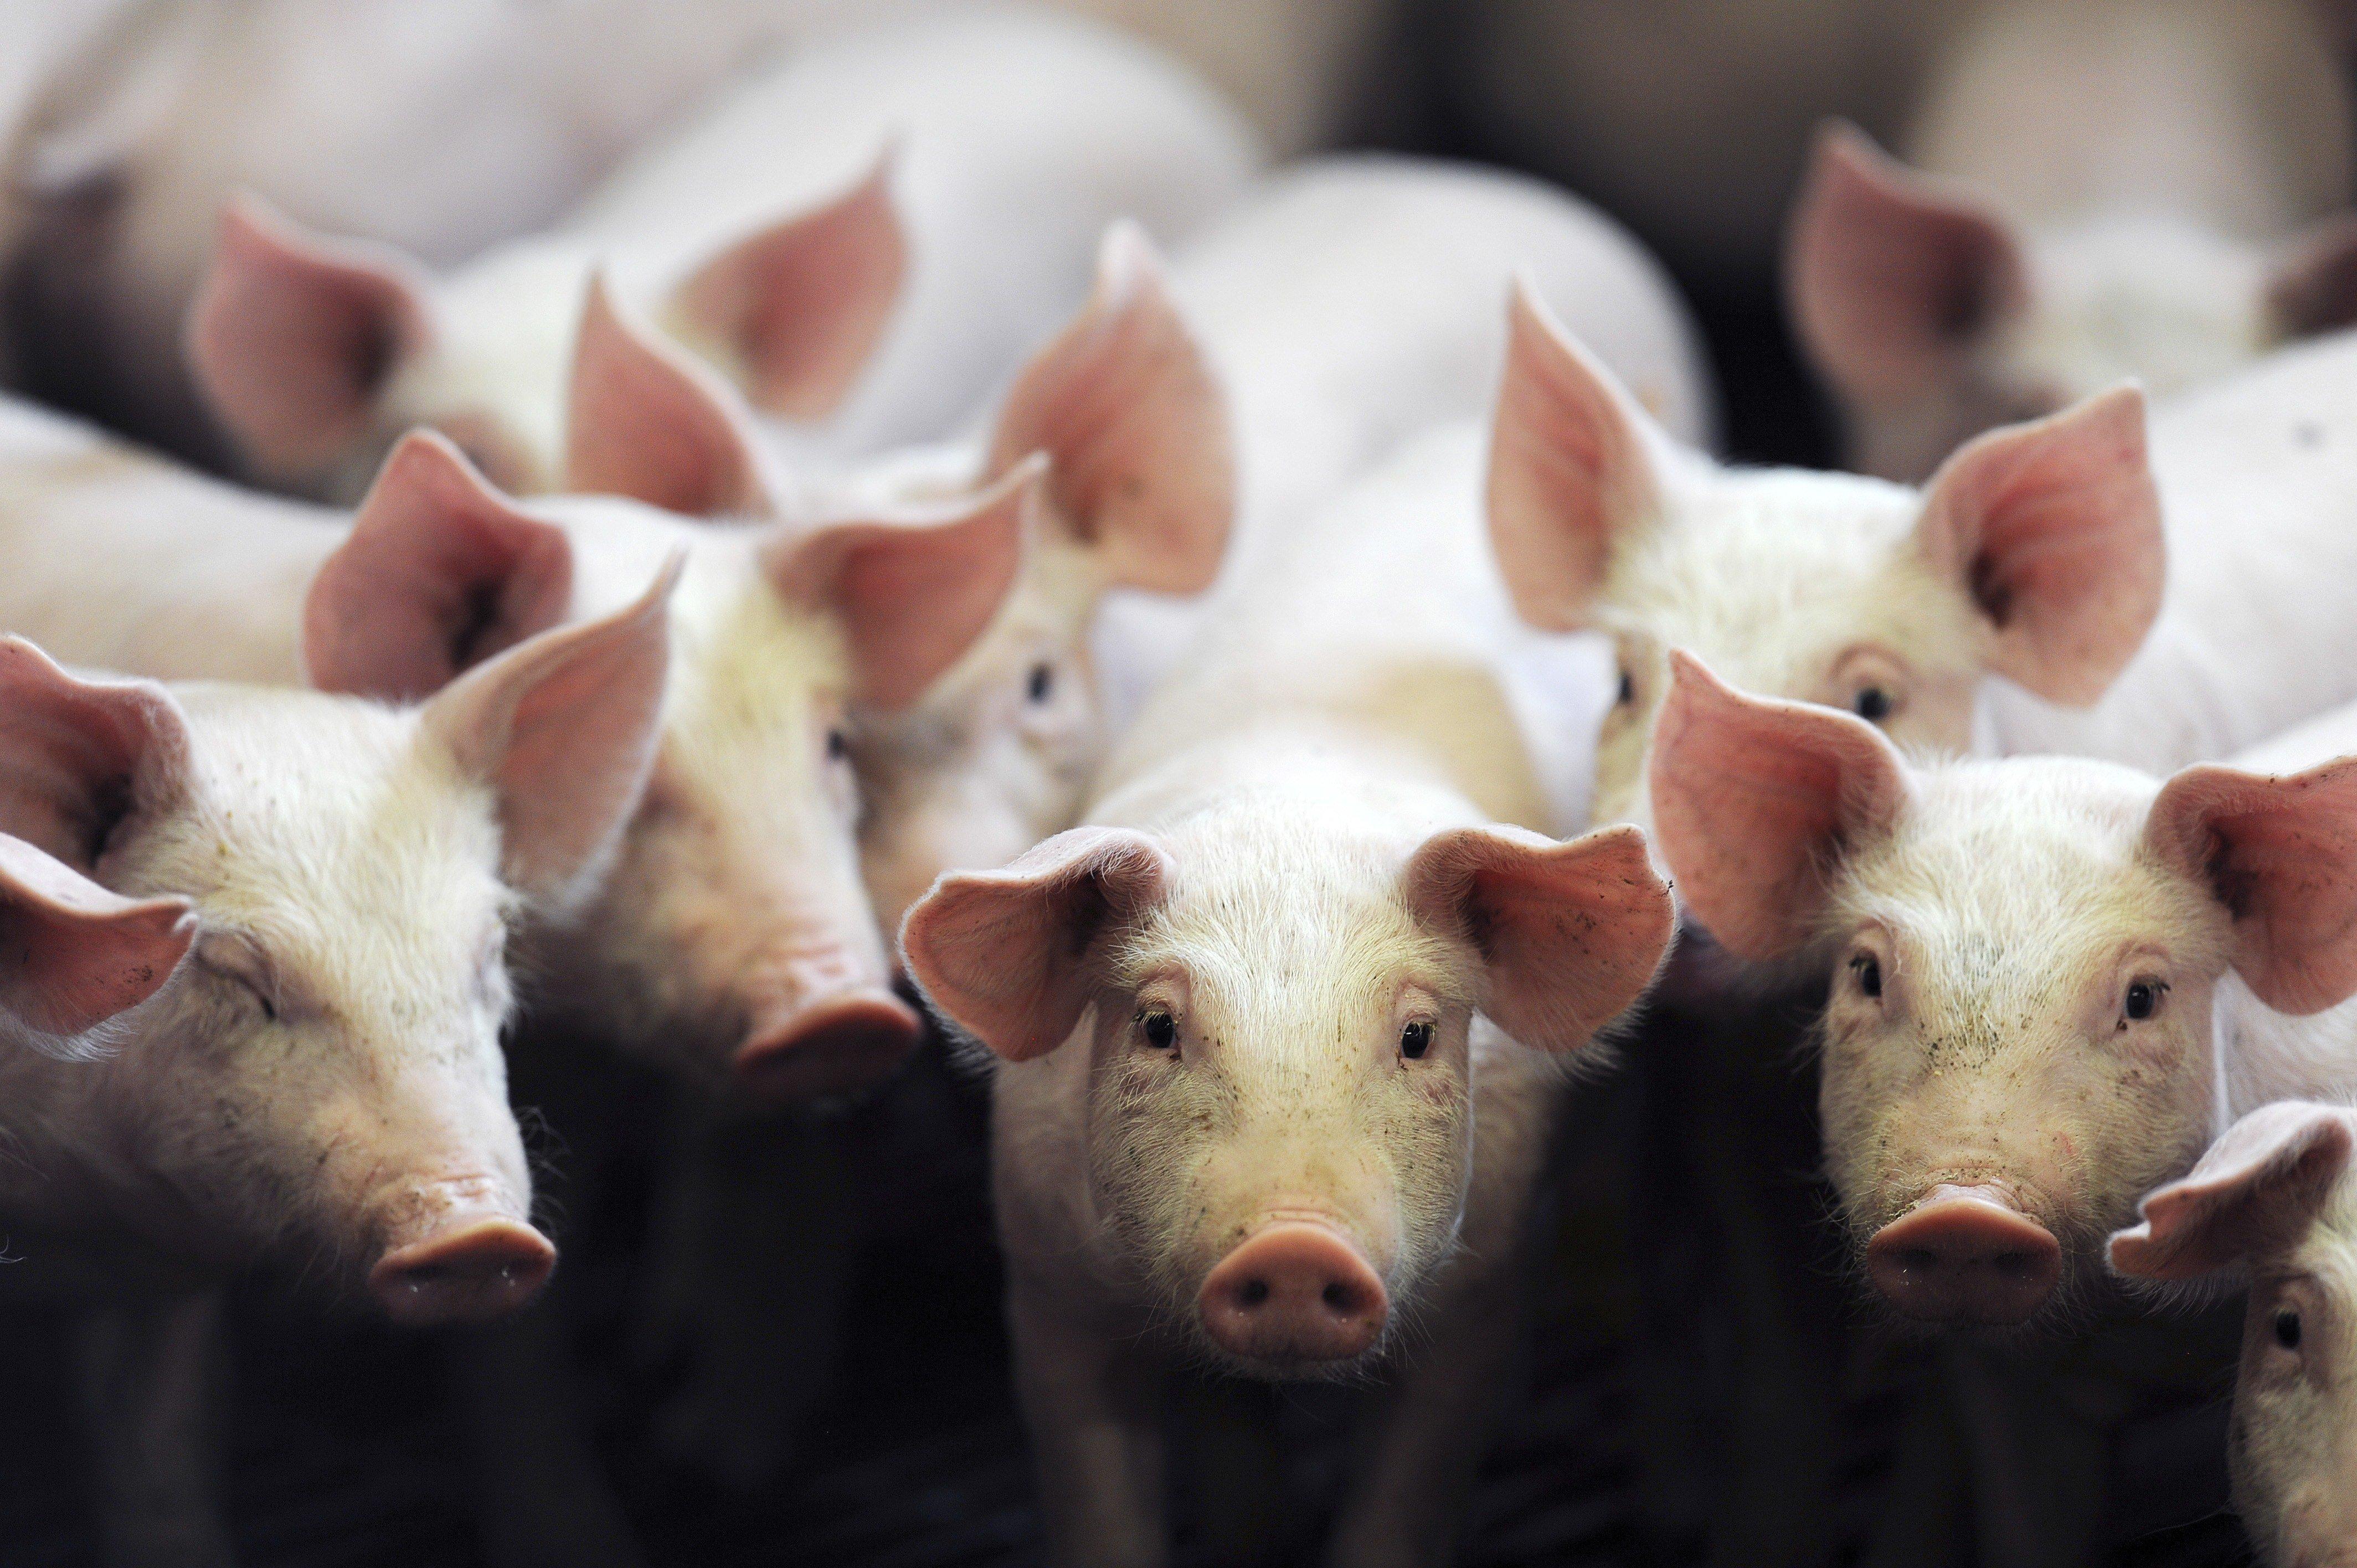 Schlachterei vernichtet 23.000 Kilo Fleisch, weil Arbeiter ans Fließband pinkelte